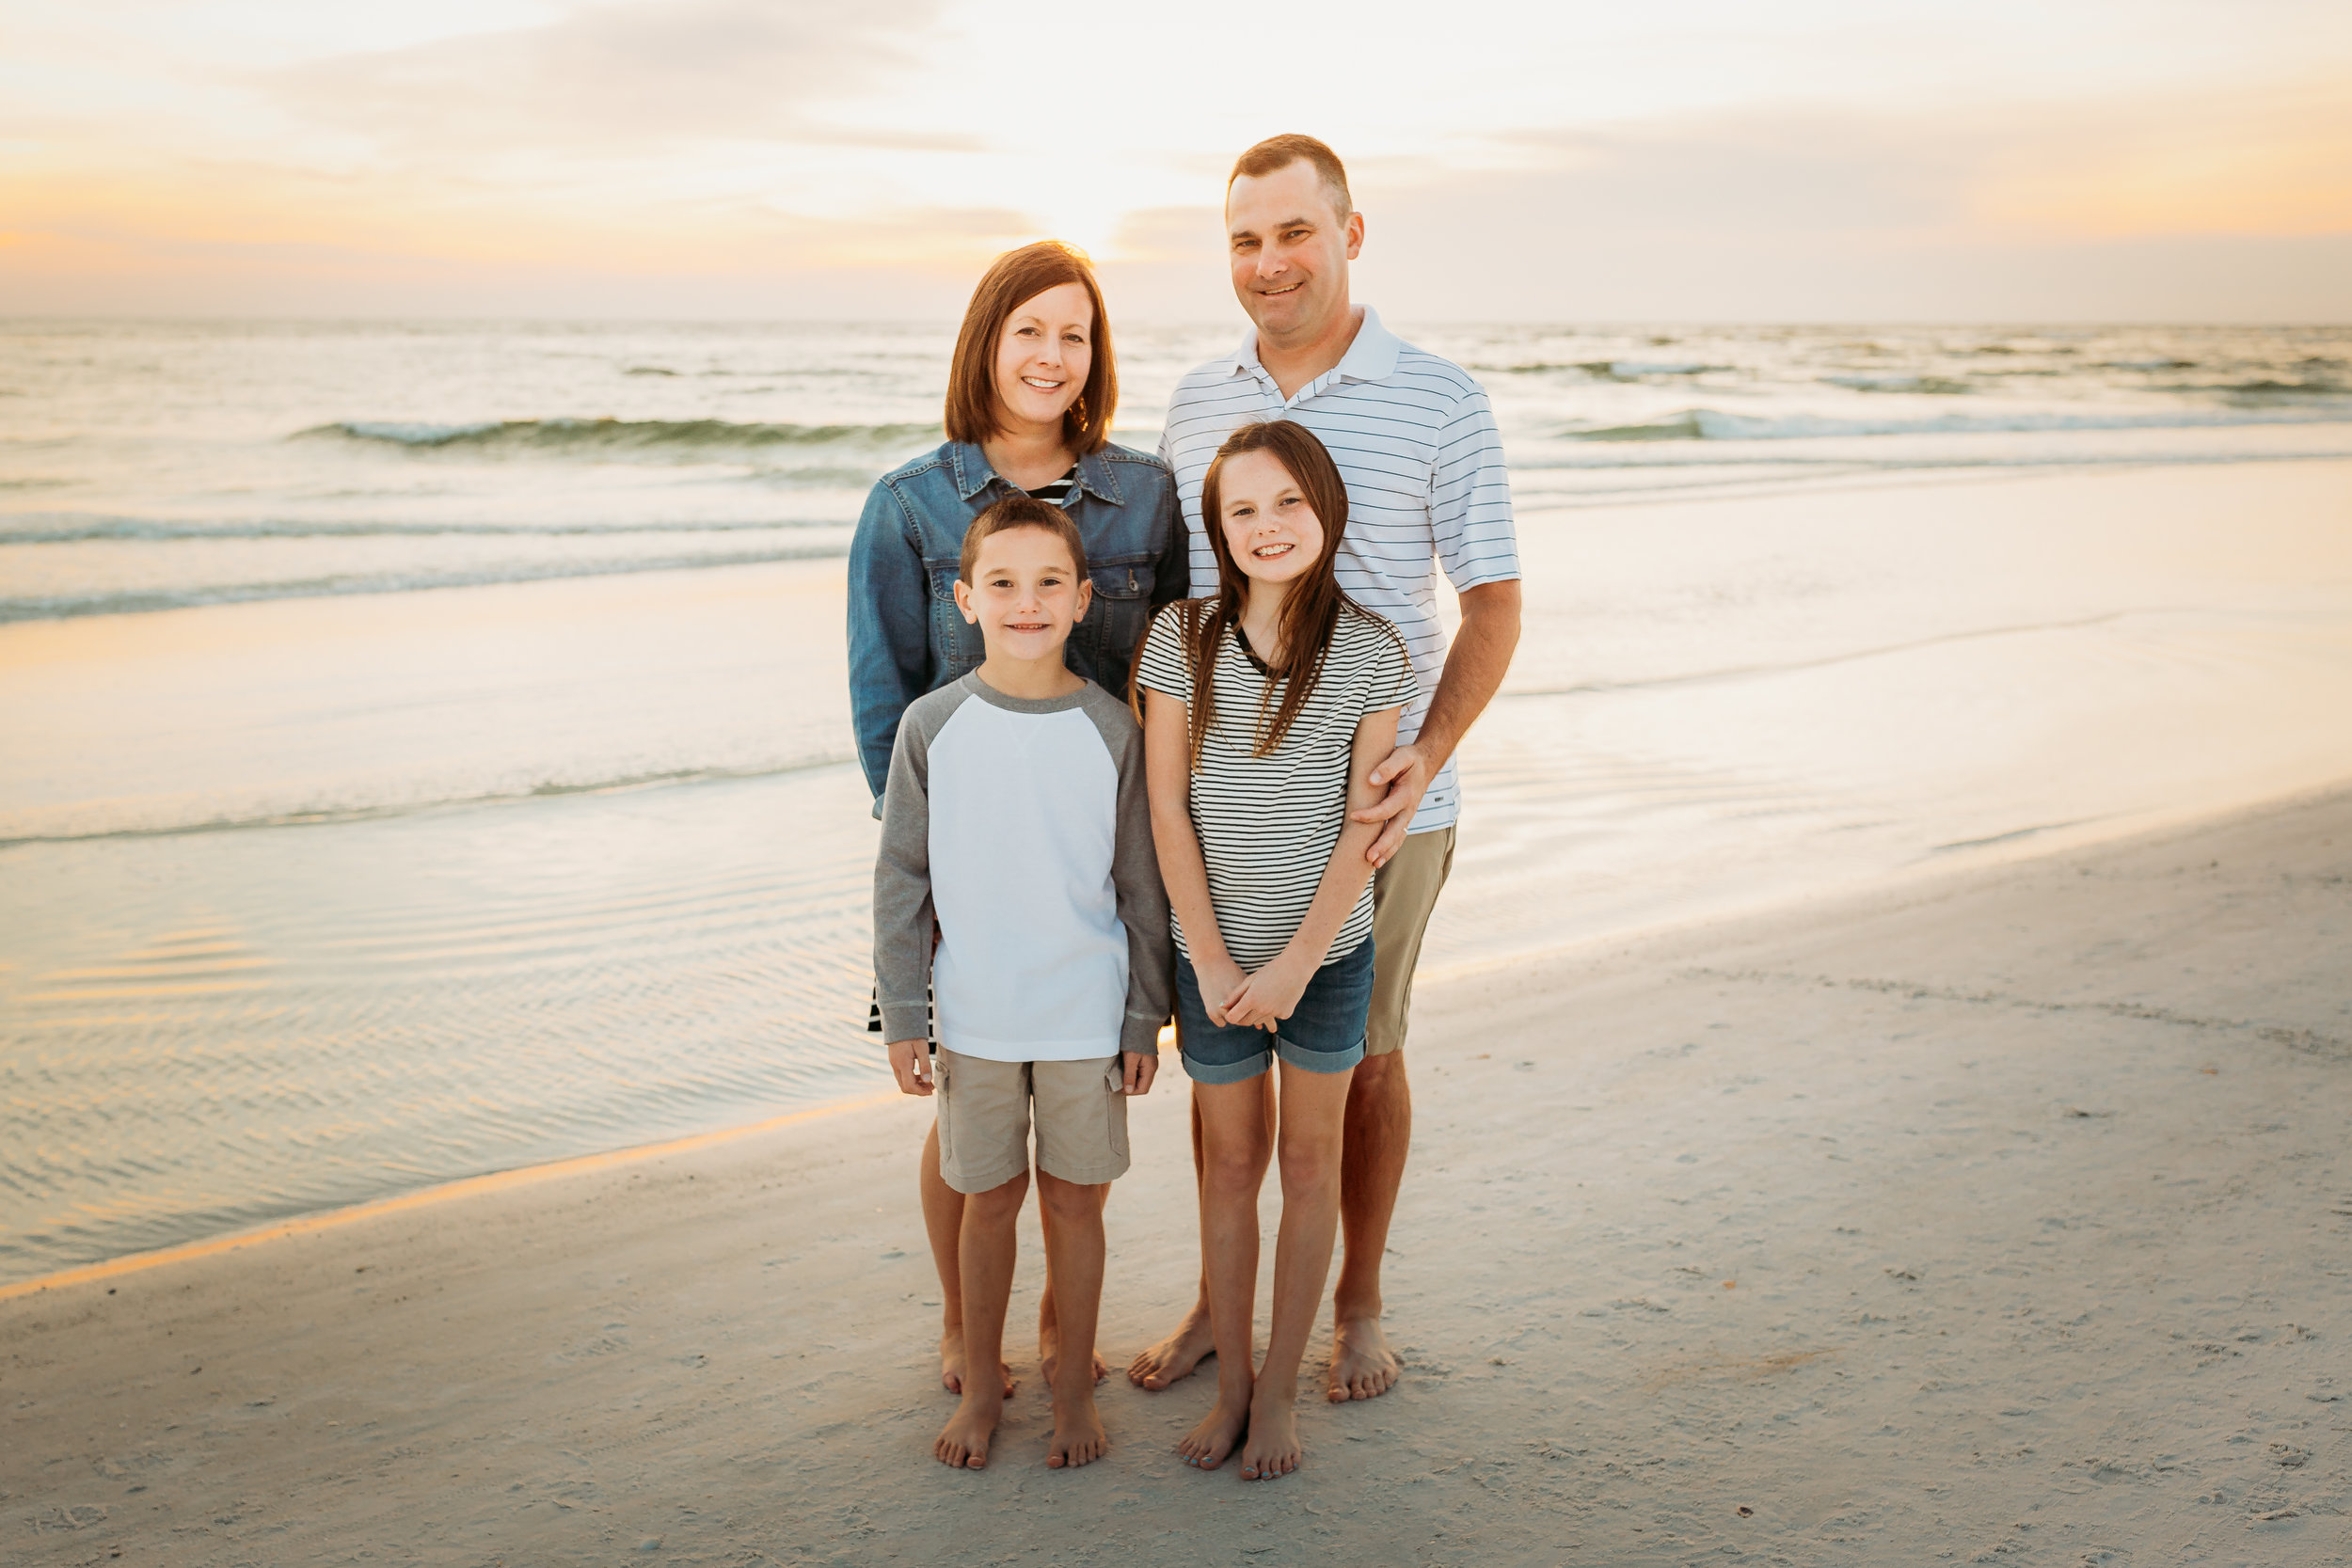 Siesta Key Family Photographer Siesta Key Photographer Siesta Key Beach Photographer Siesta Key Family Photos Siesta Key Photography